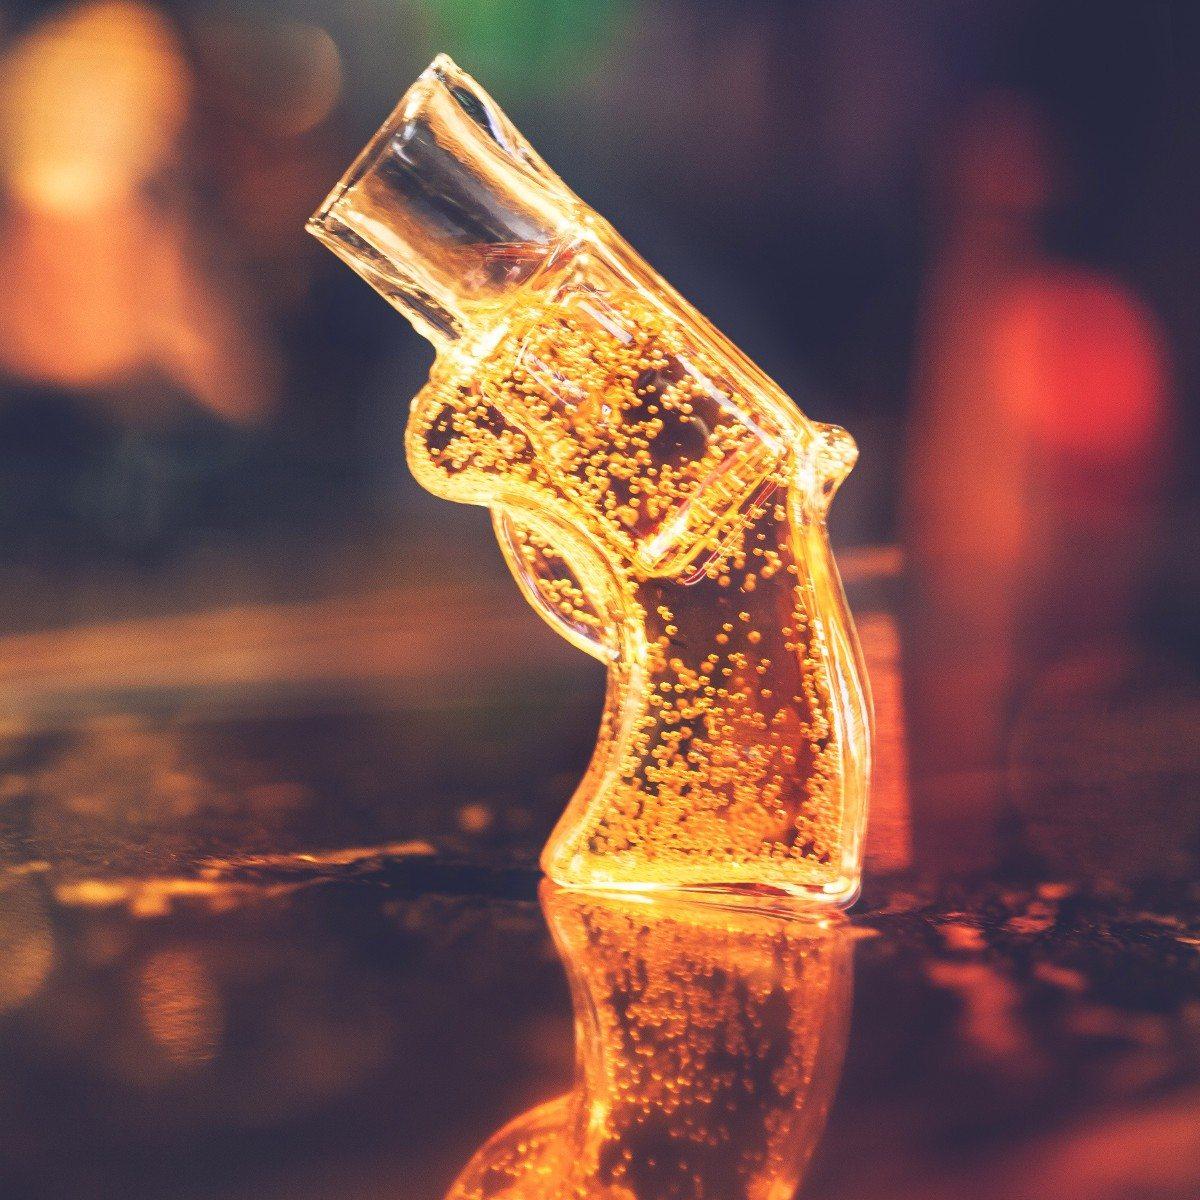 Revolvershotglas